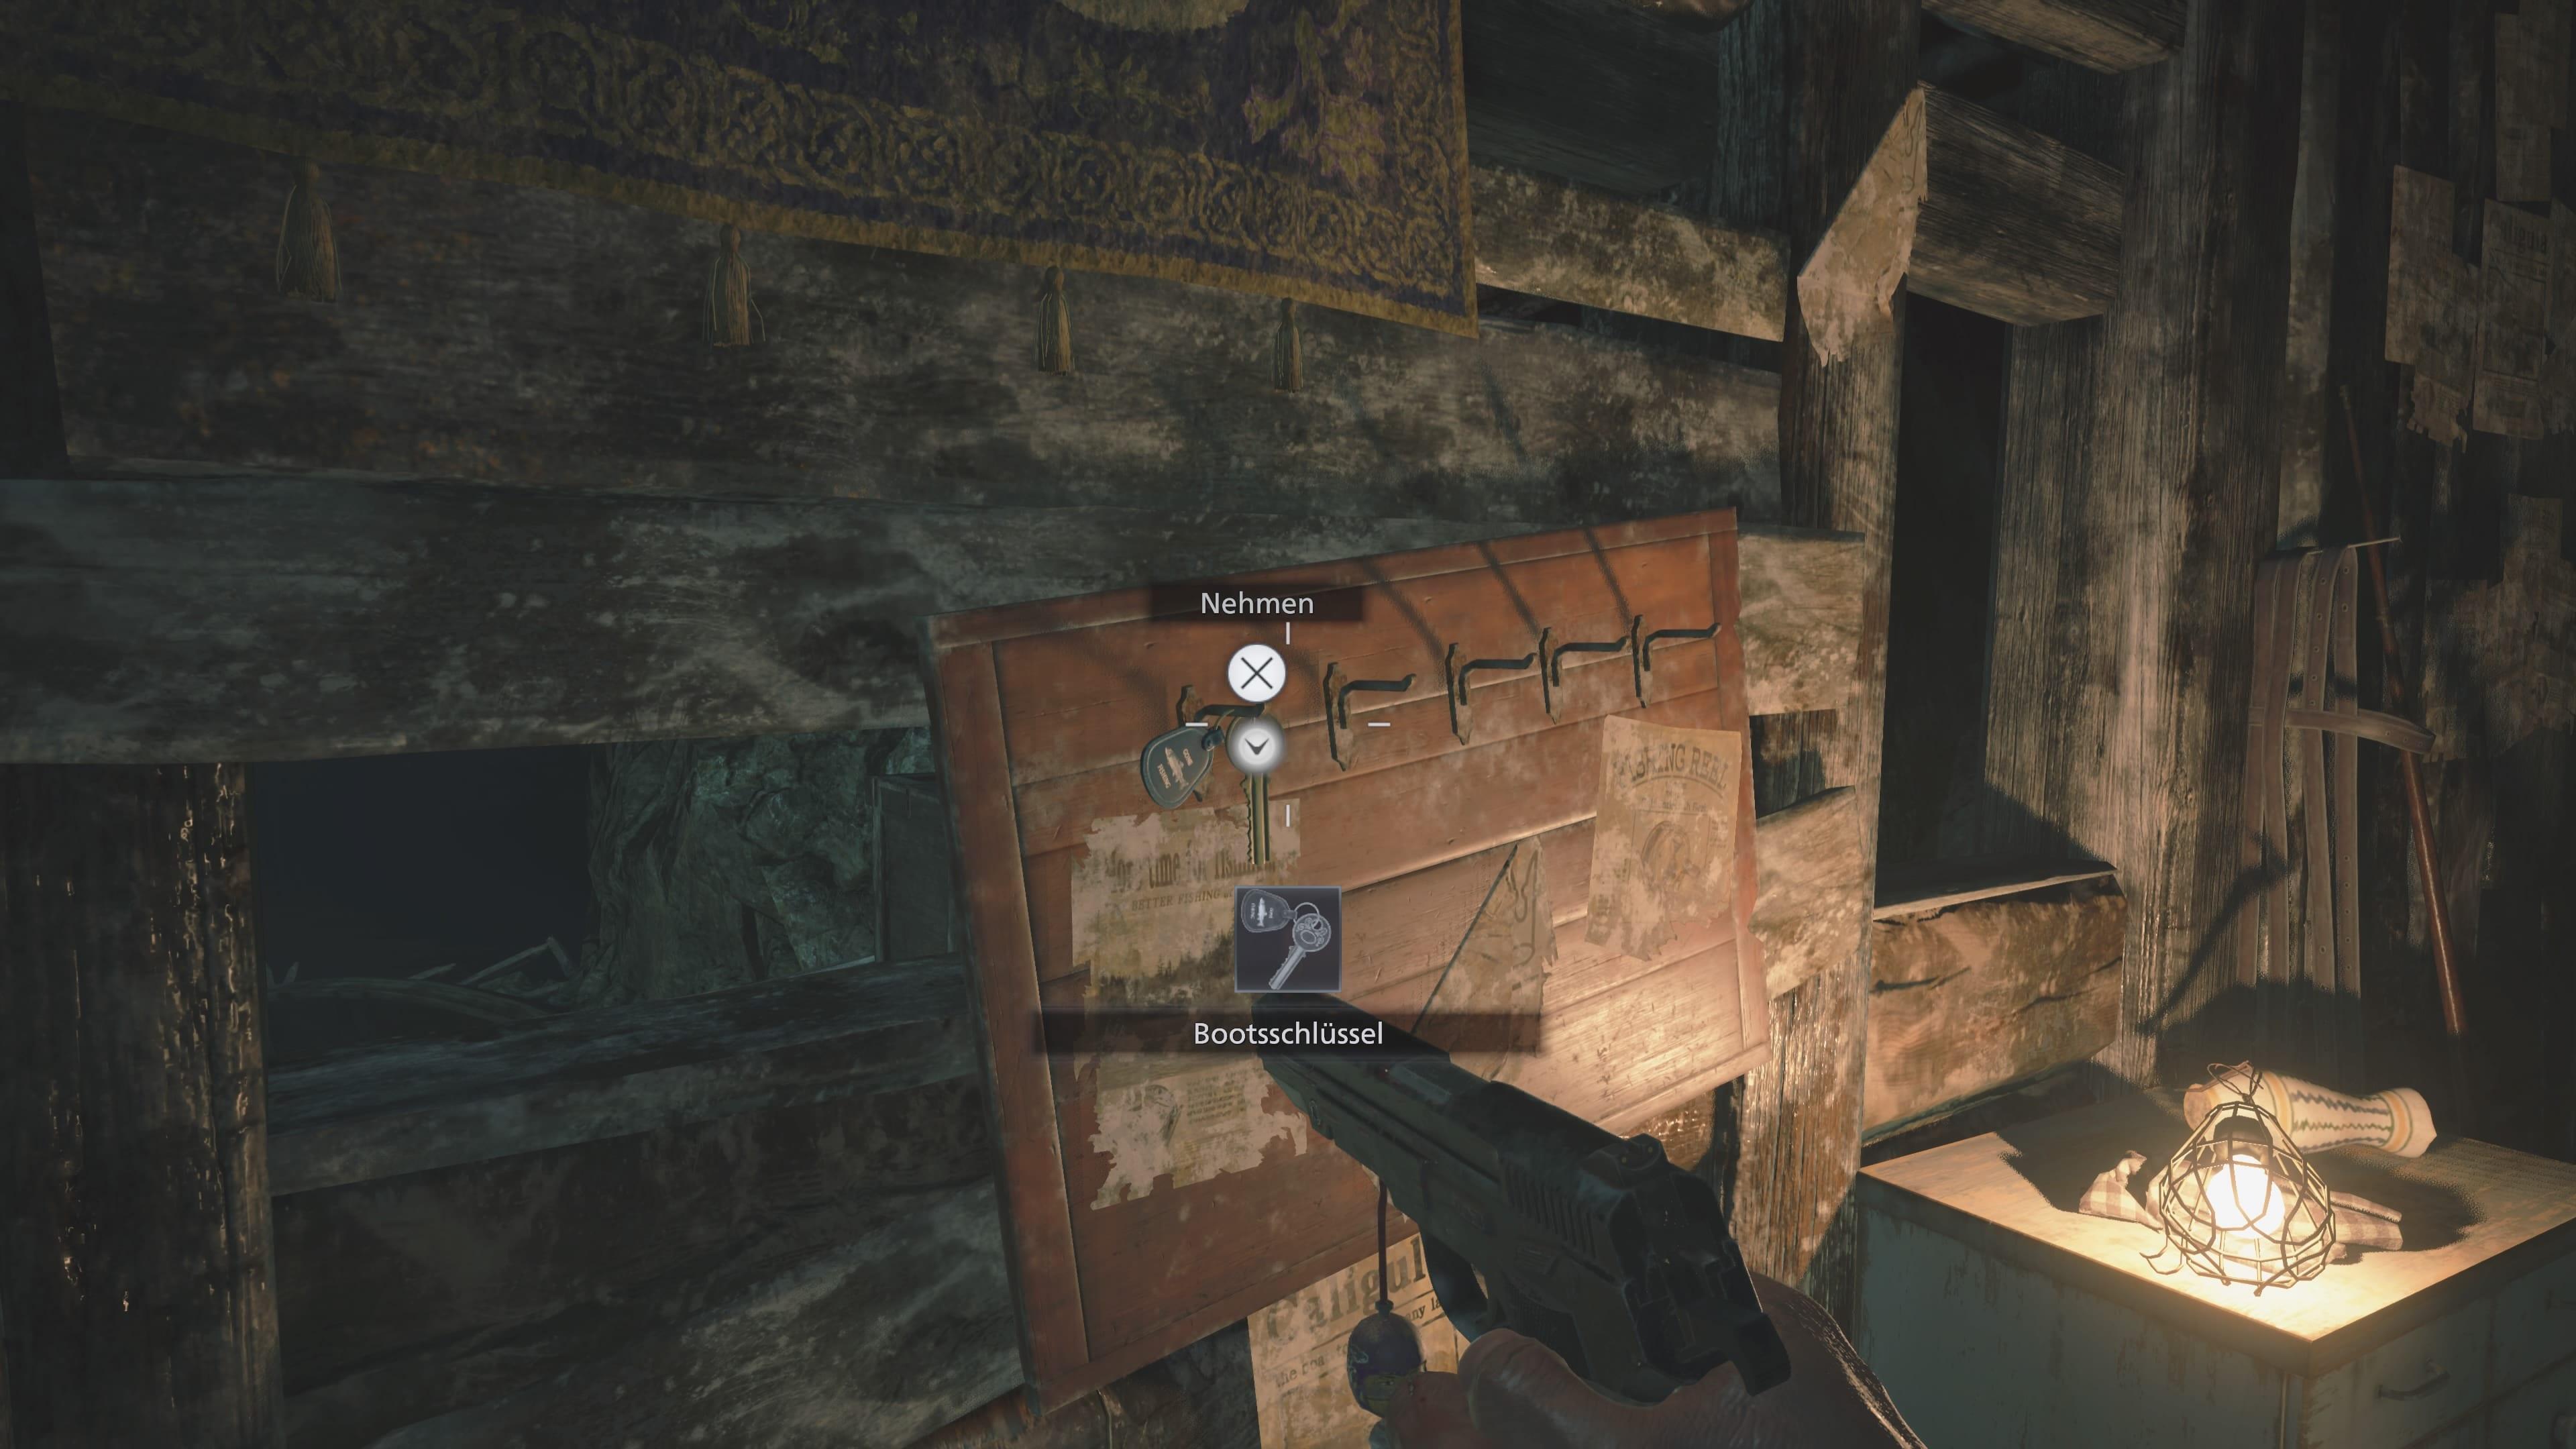 Resident Evil 8: Bootsschlüssel, Stausee (Lösung)